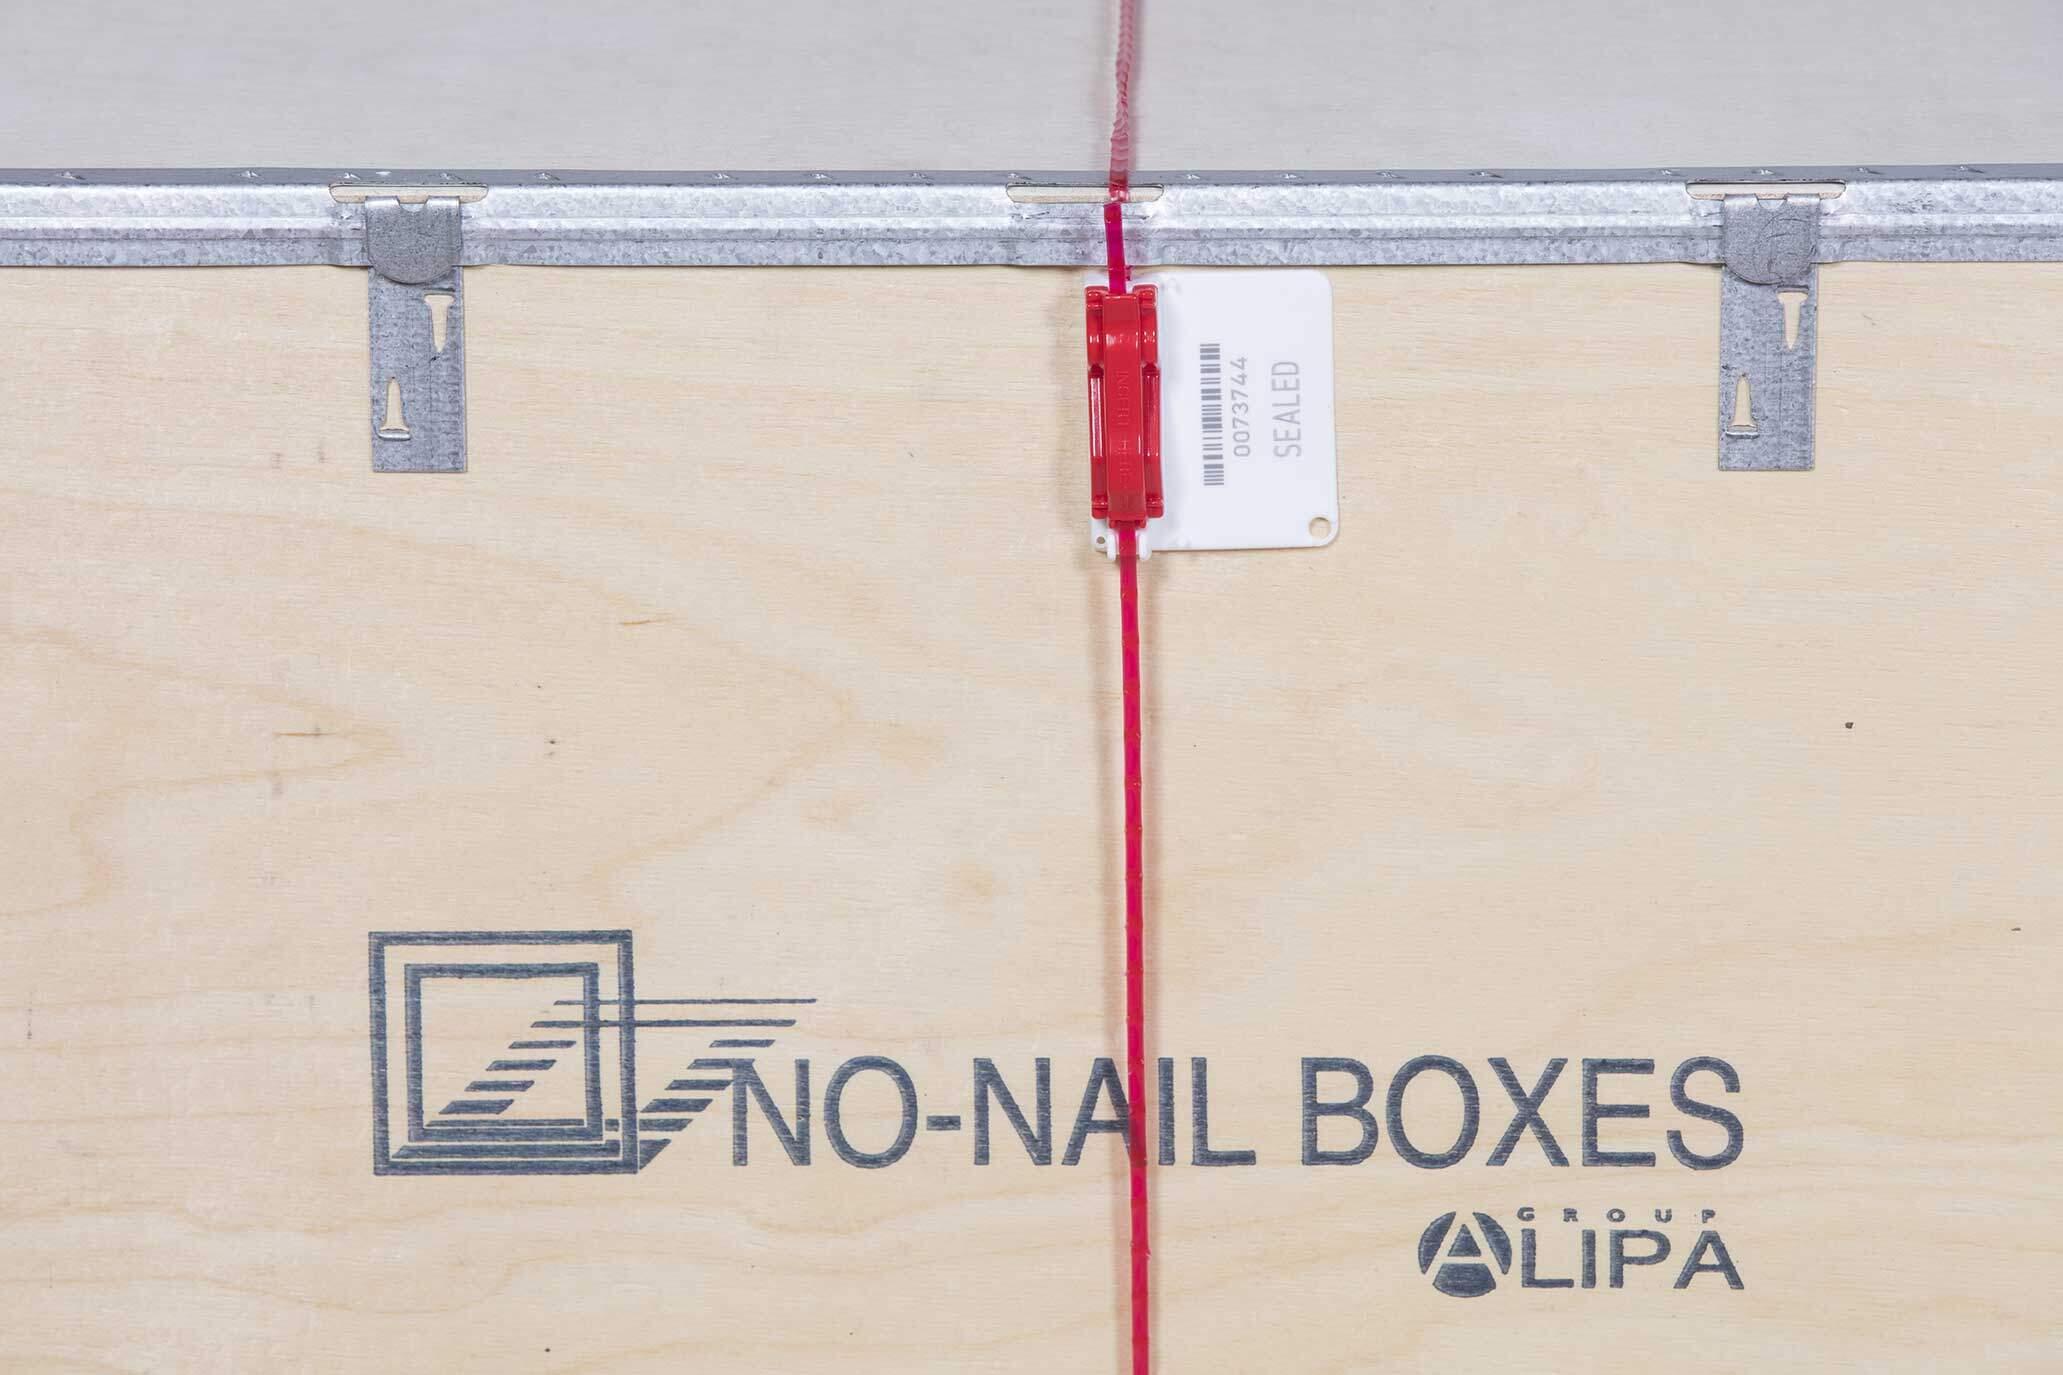 NO-NAIL BOXES: Sealing